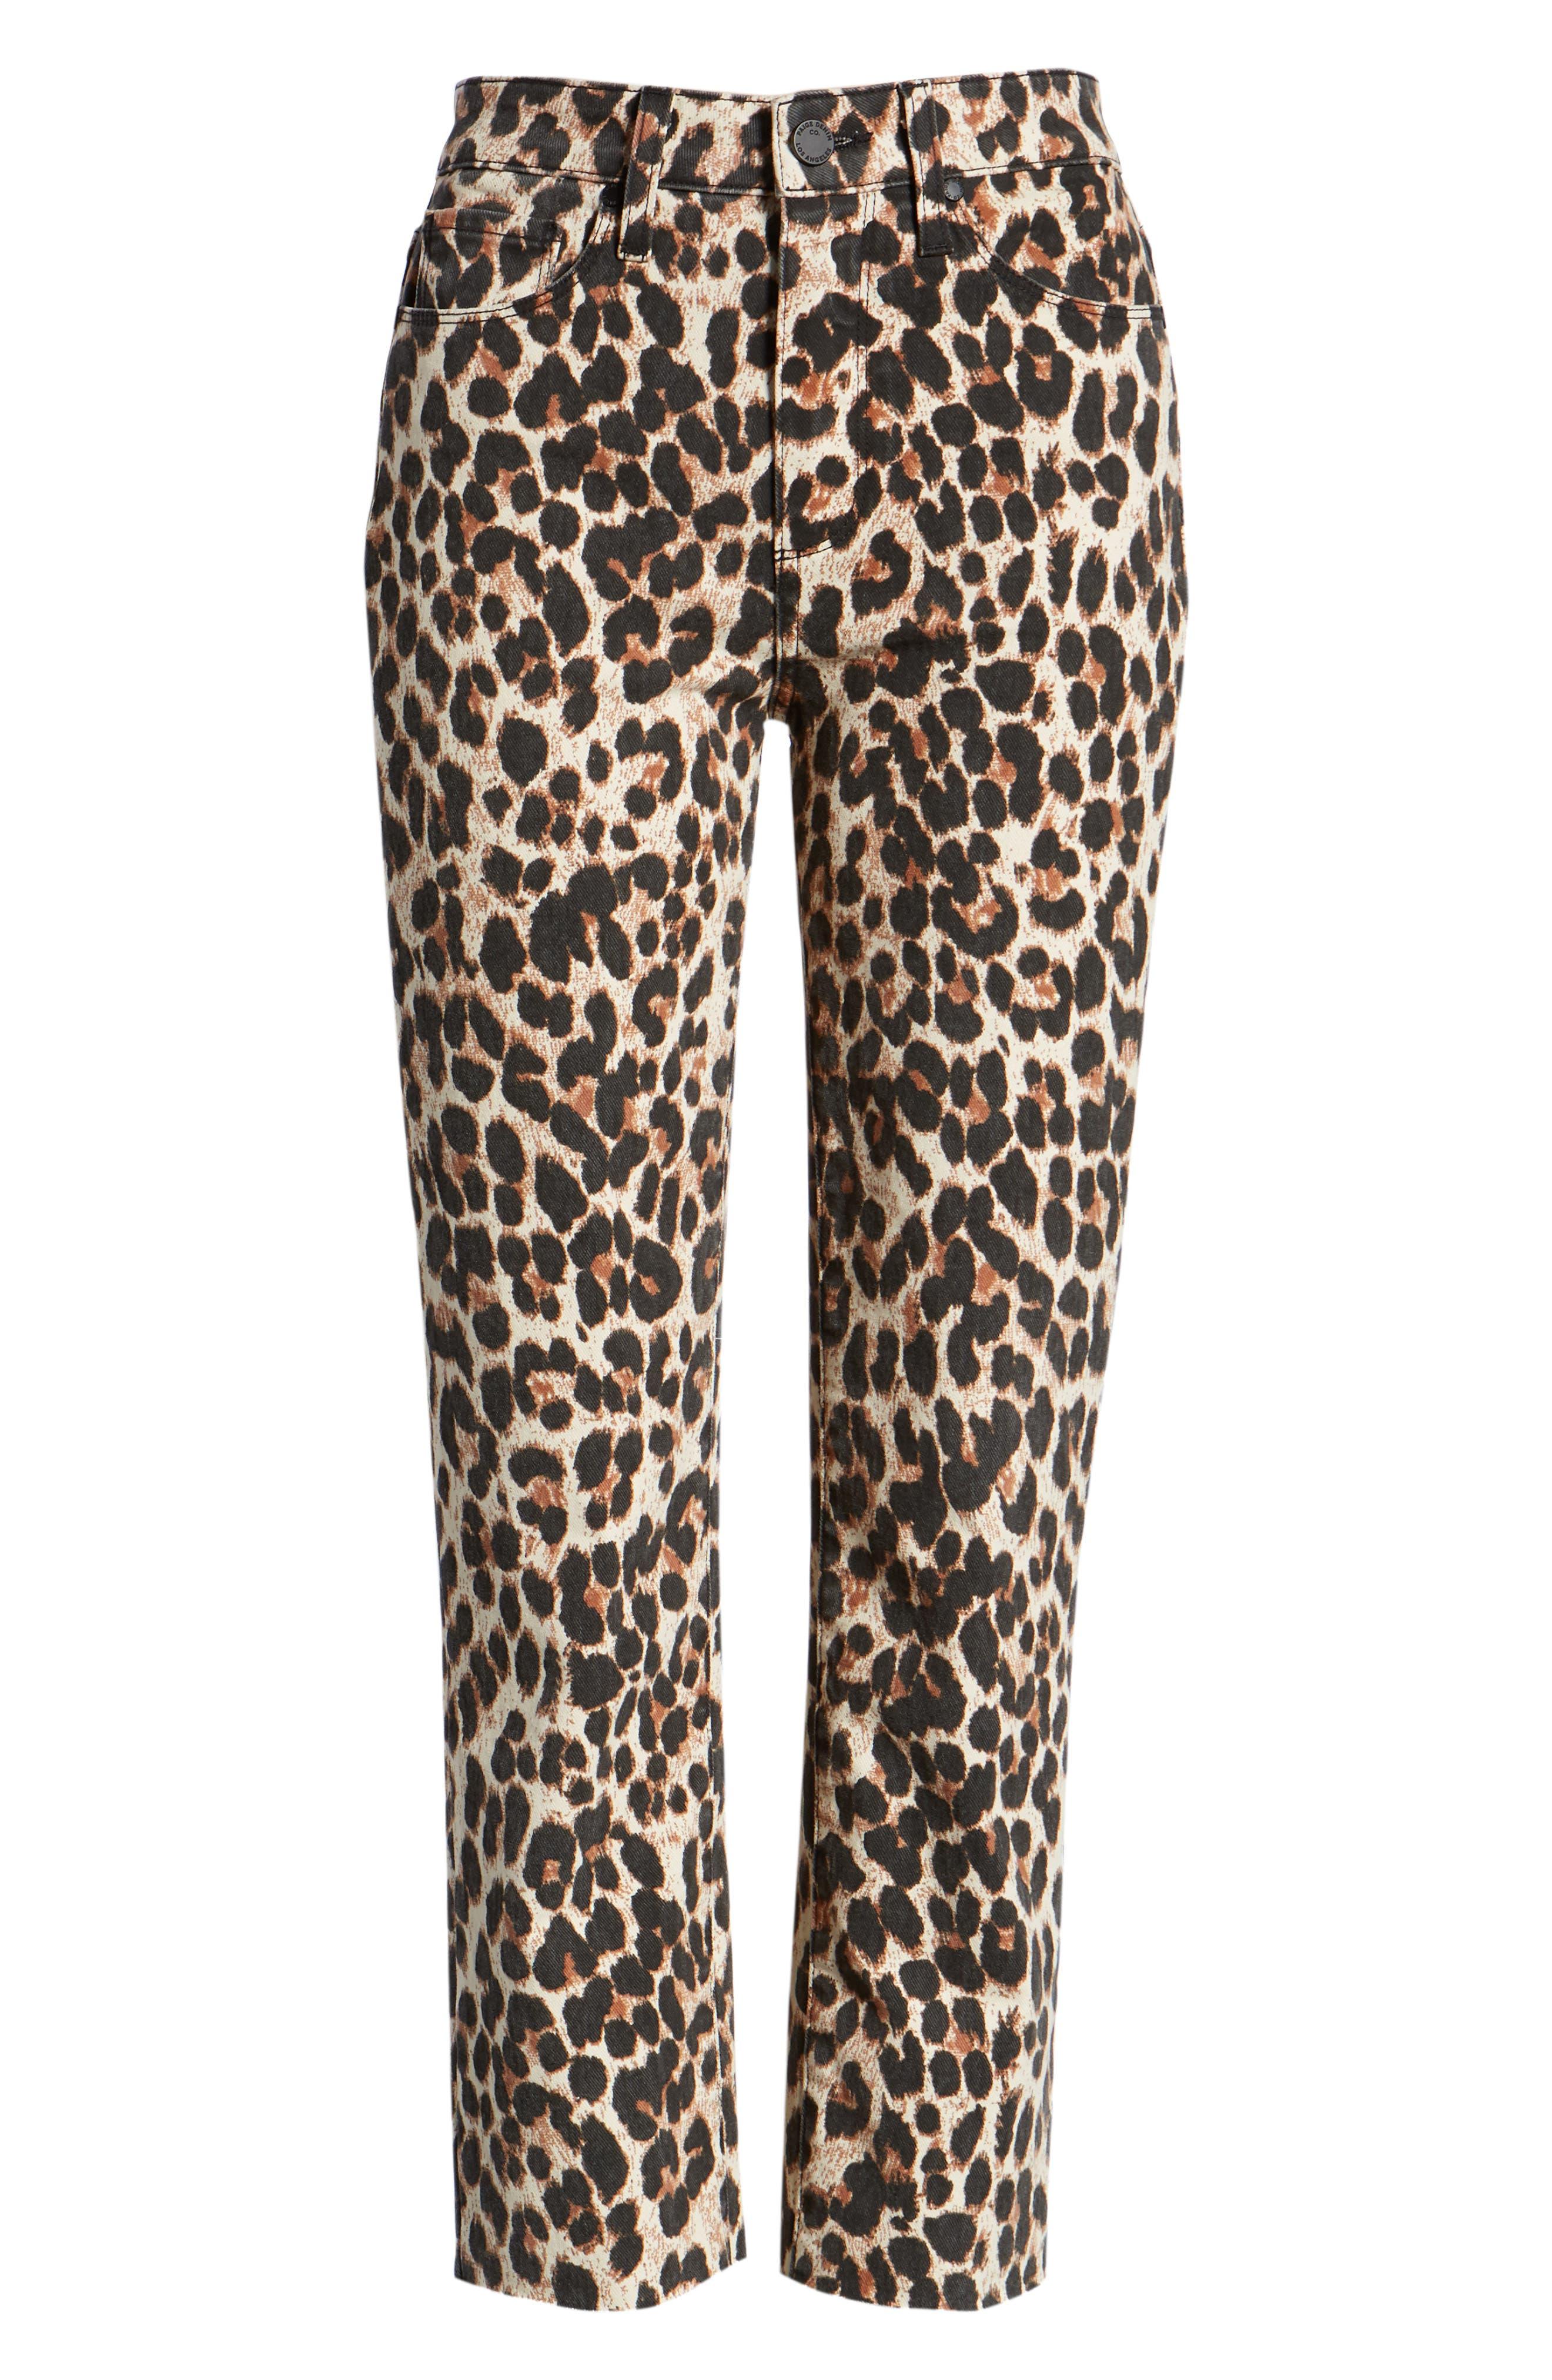 Hoxton High Waist Ankle Straight Leg Jeans,                             Alternate thumbnail 7, color,                             SAHARA LEOPARD